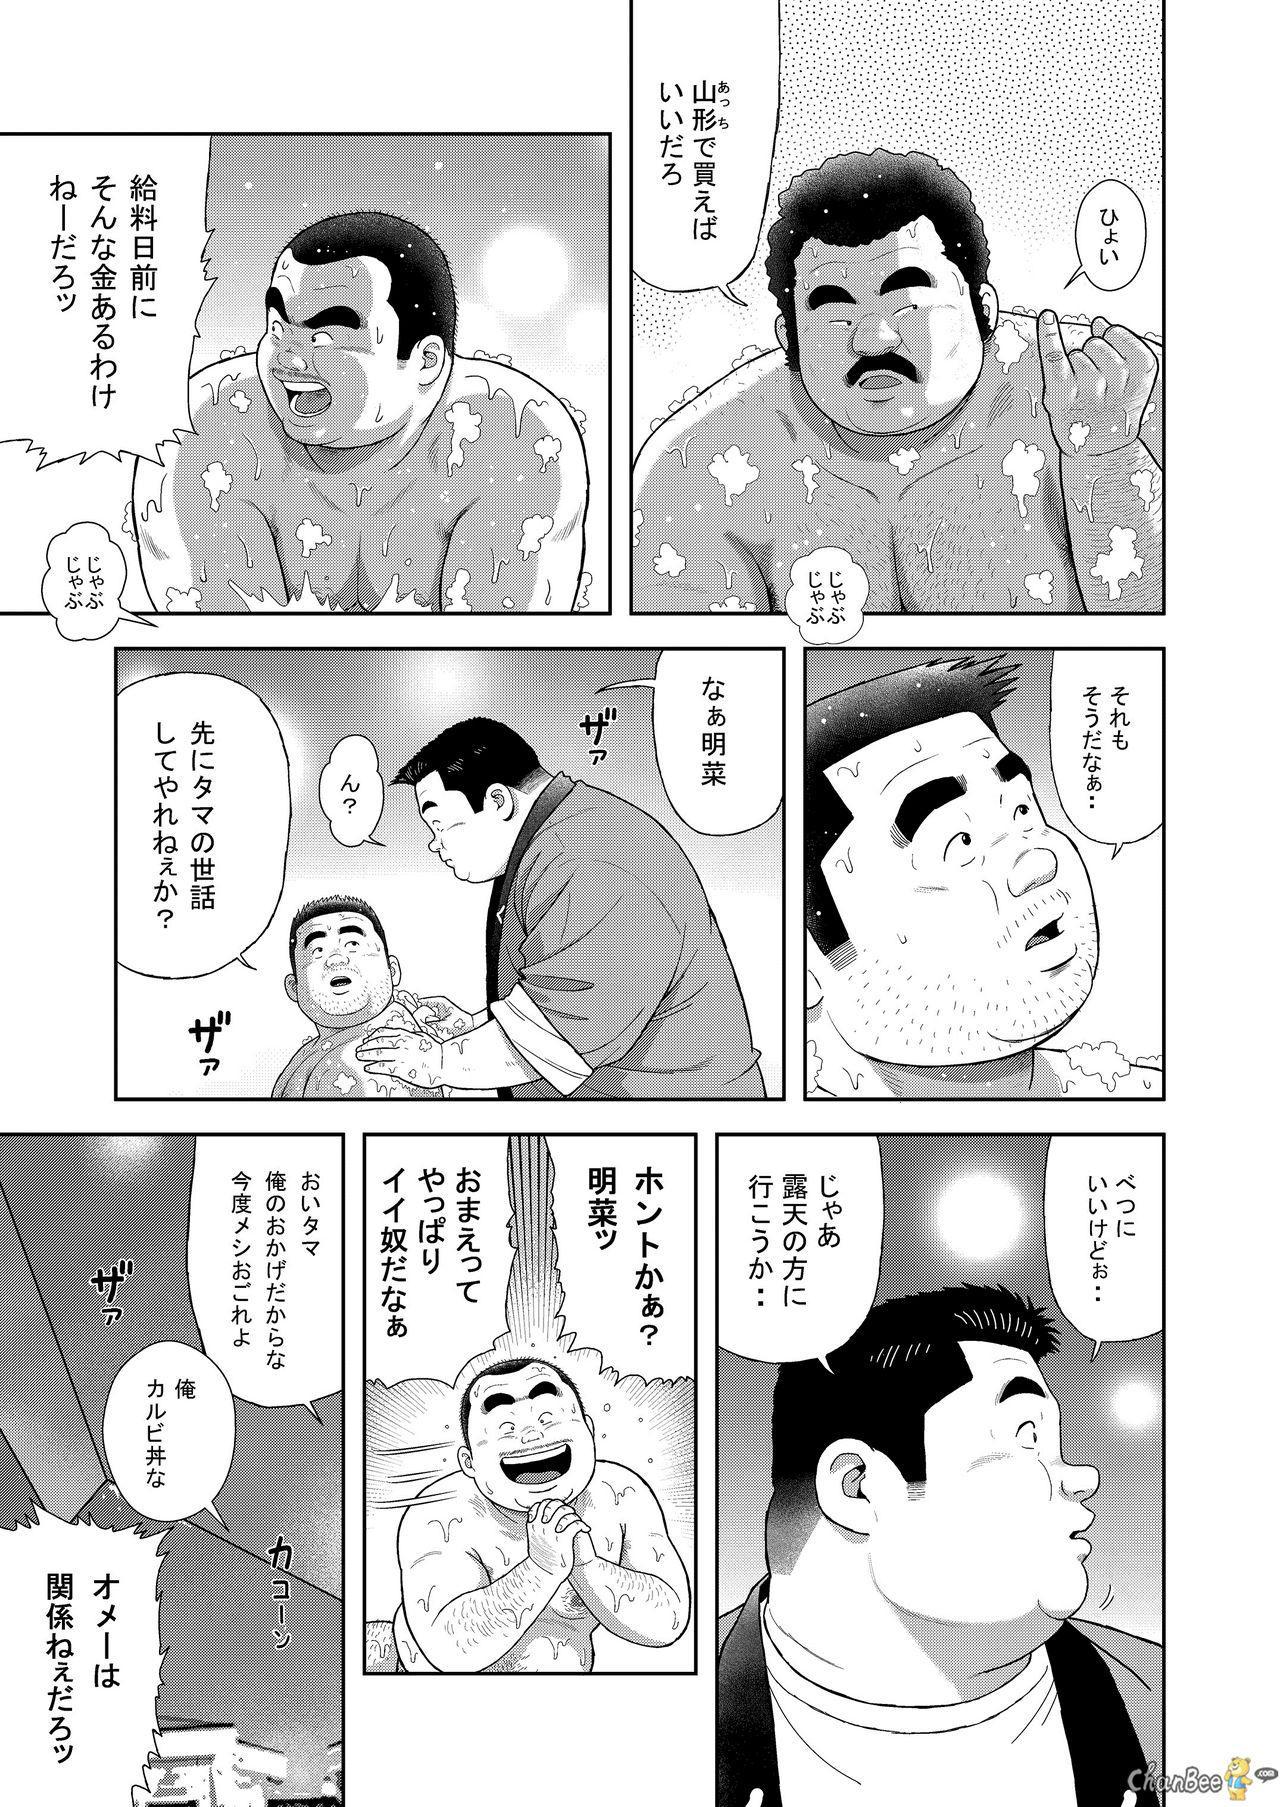 Kunoyu ippatsume otoko no kanshoku 6